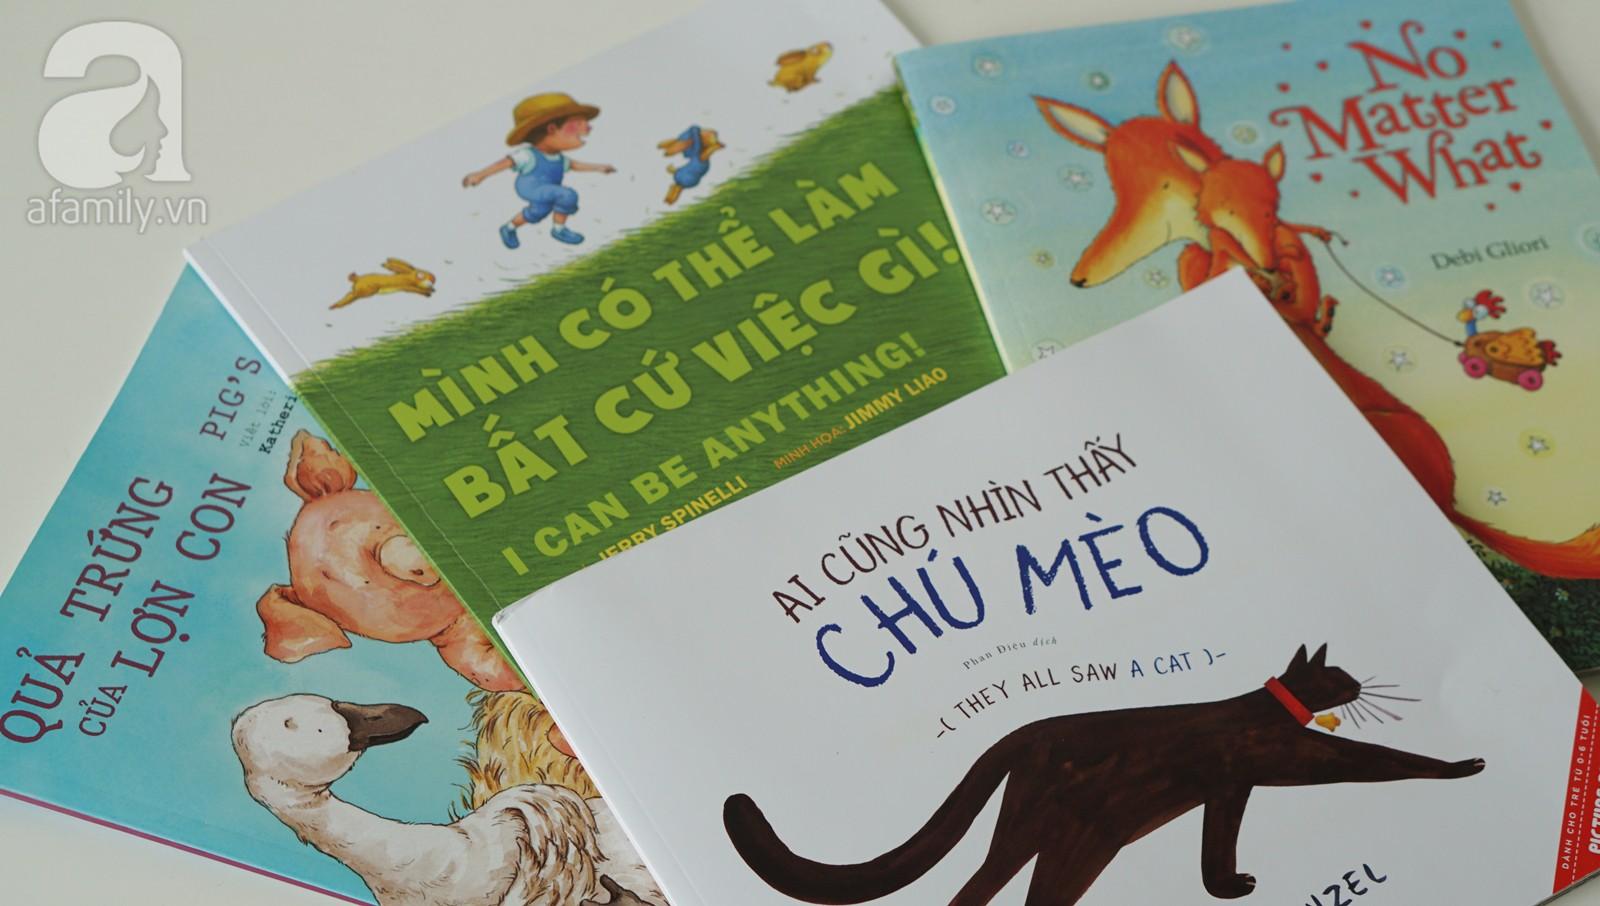 Muốn con học siêu tiếng Anh từ nhỏ, bố mẹ không thể bỏ qua những cuốn sách song ngữ này! - Ảnh 2.